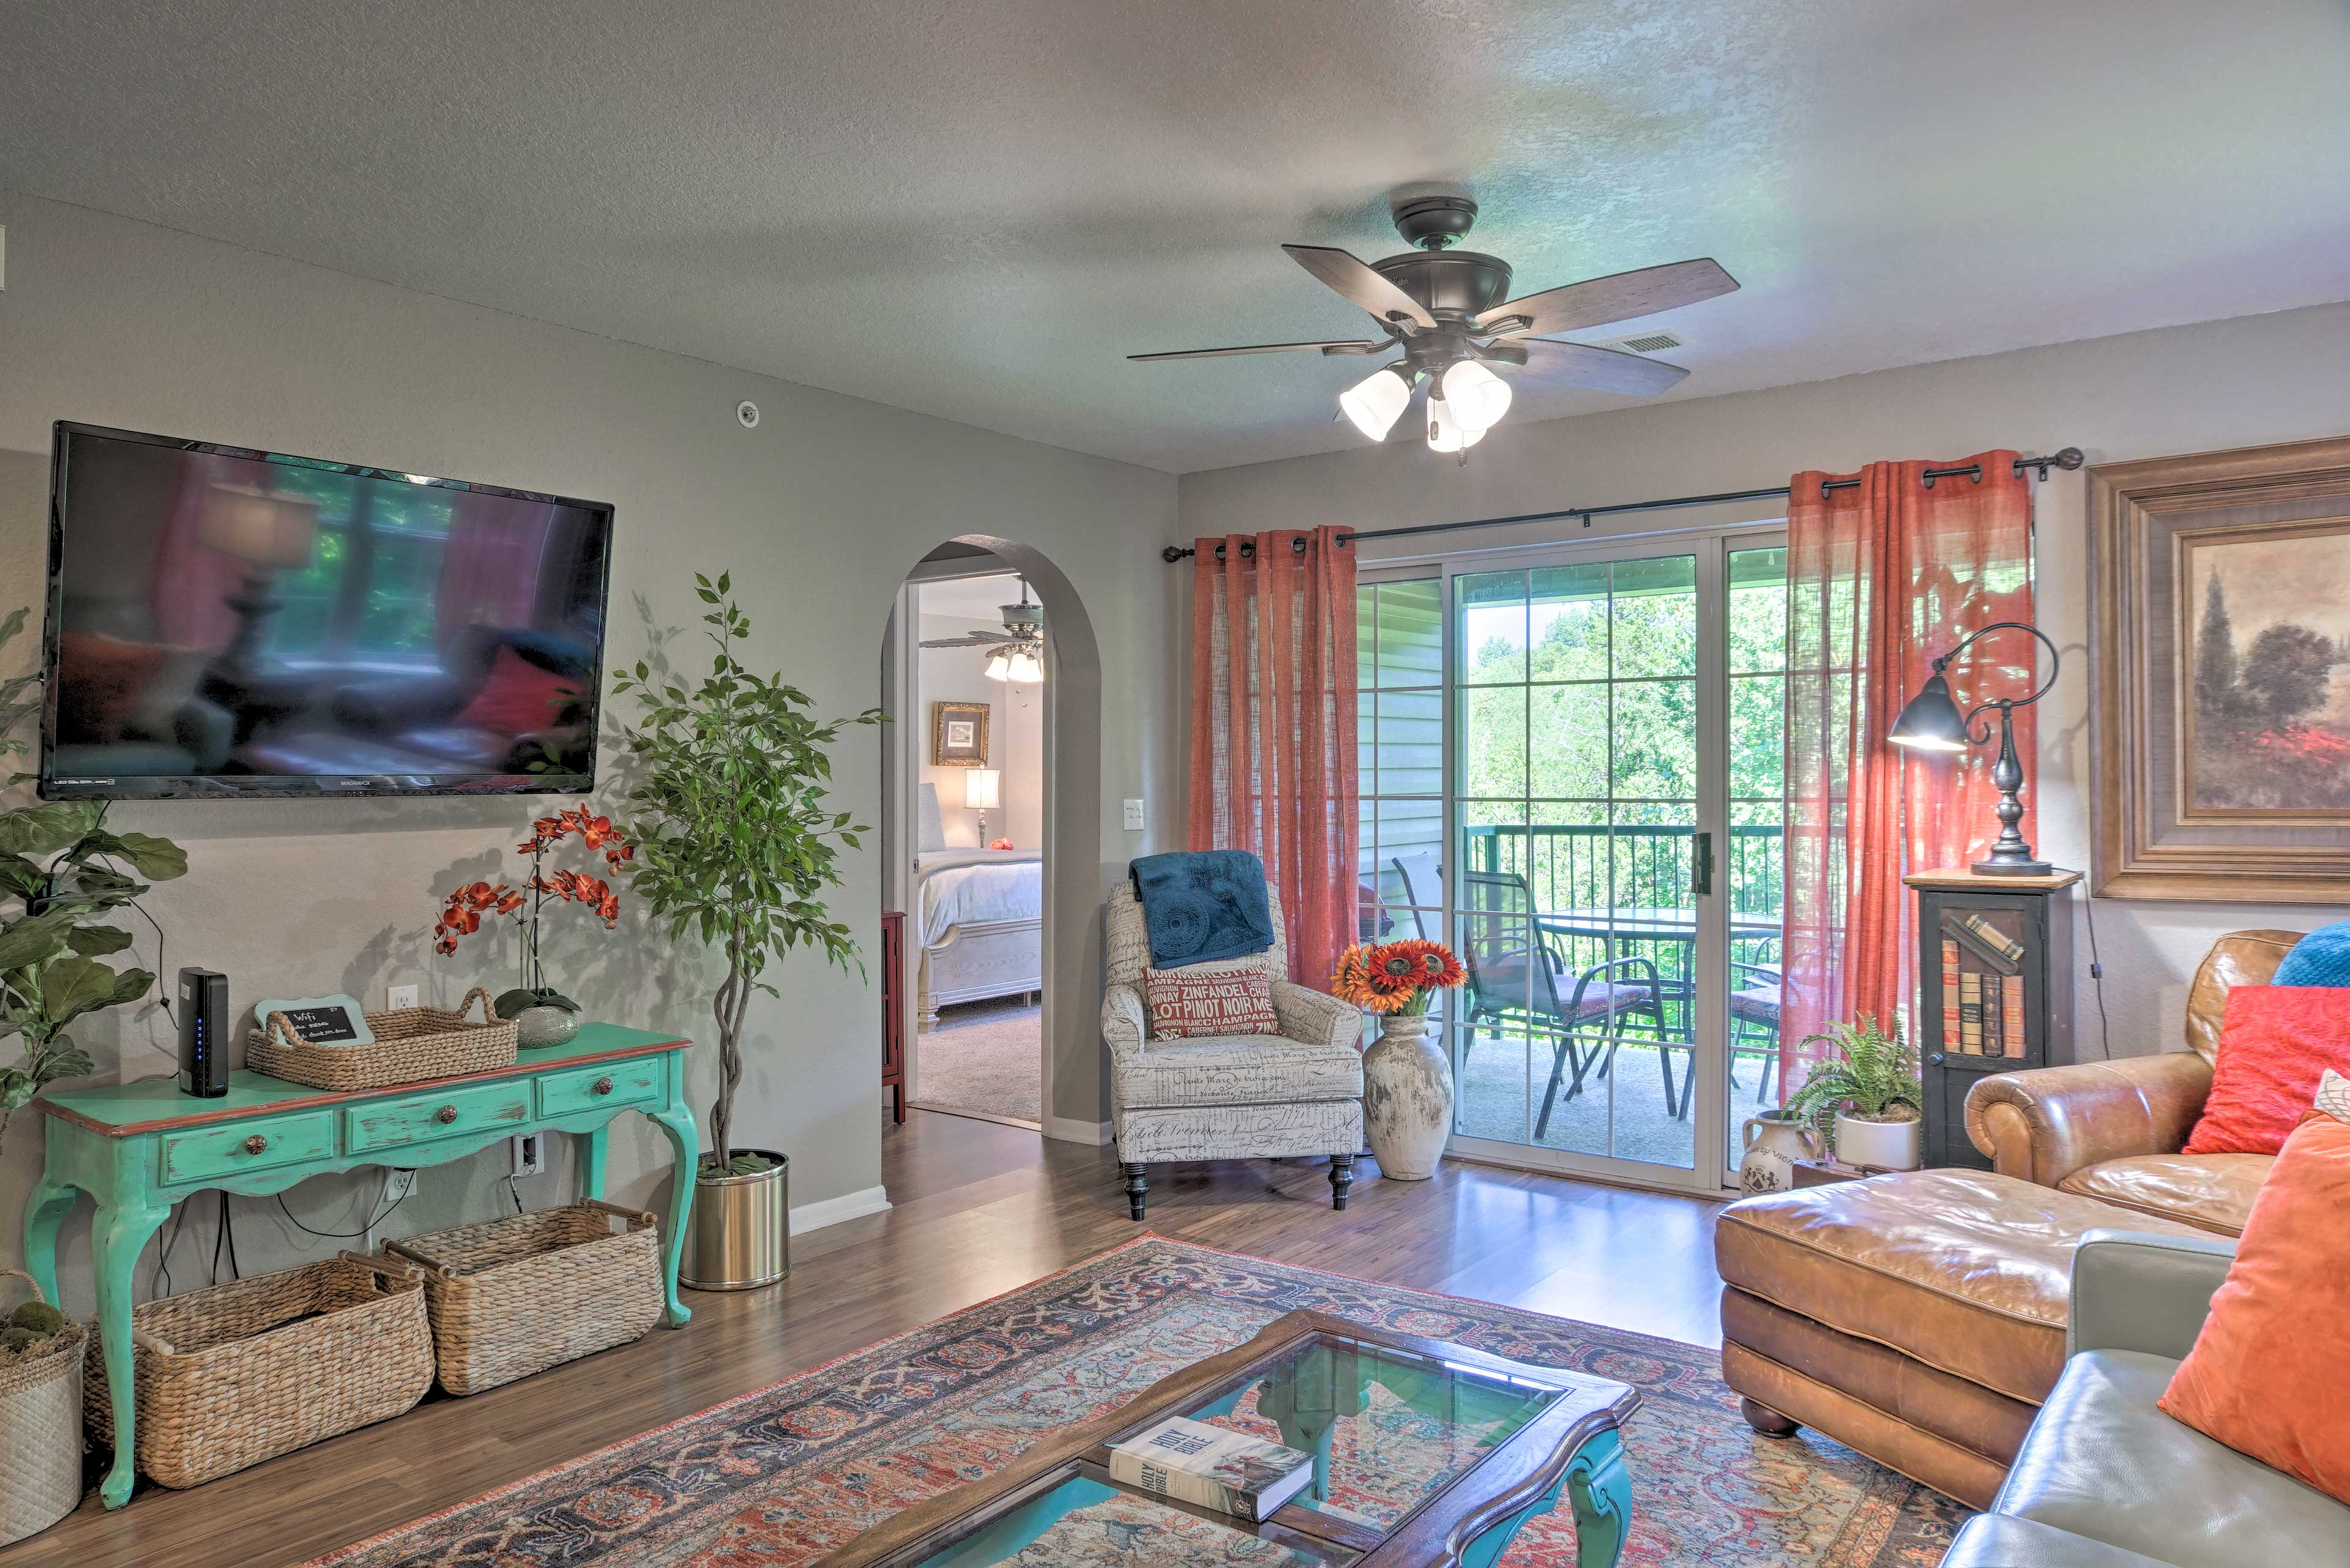 Book a trip to this lavish 2-bedroom, 2-bathroom vacation rental condo.